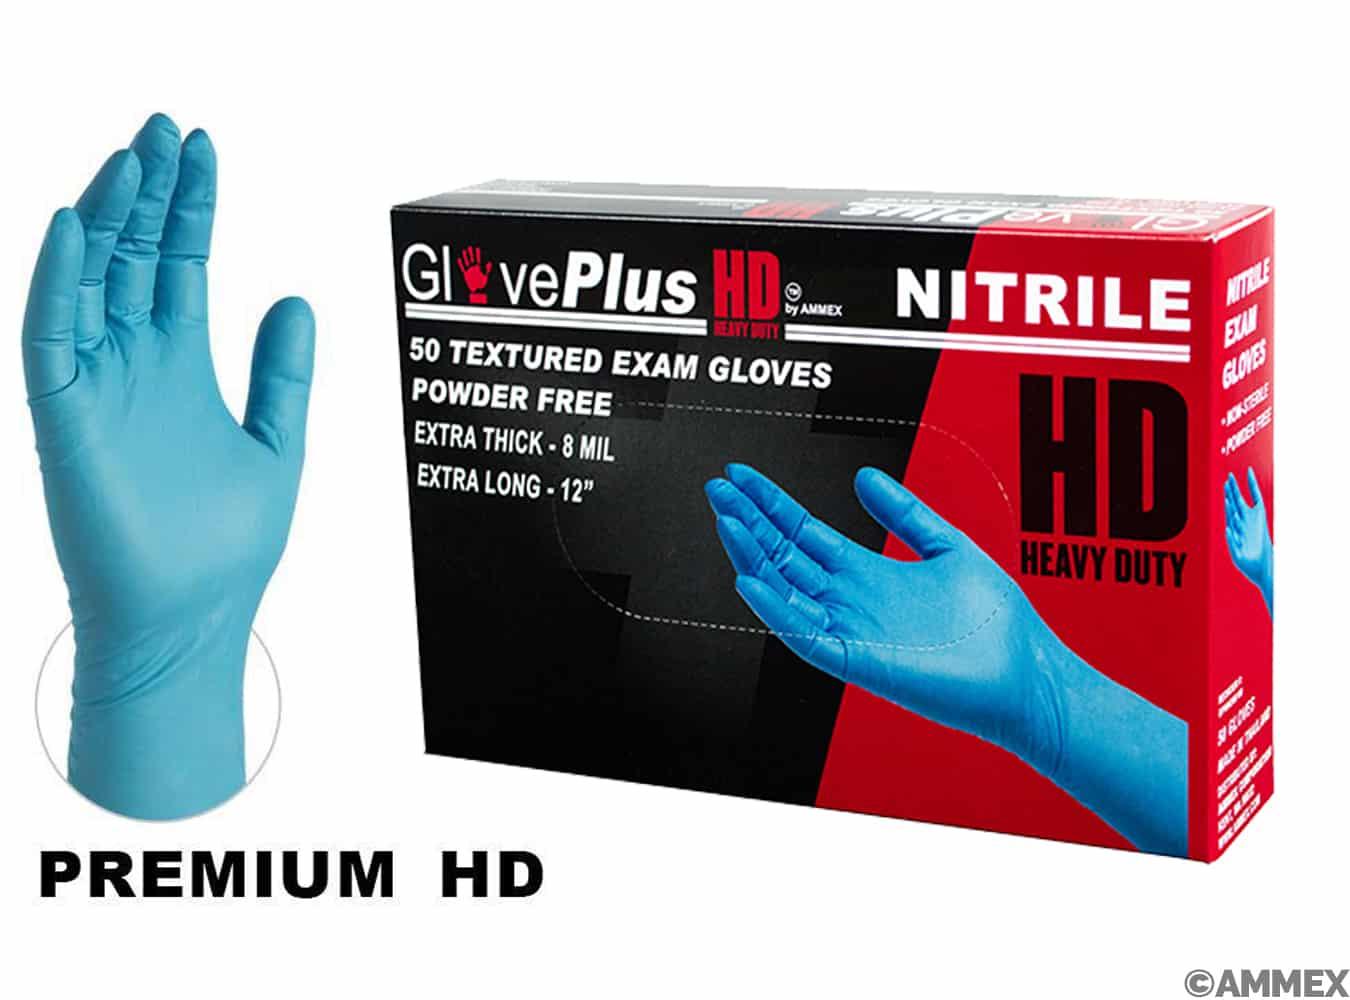 hd nitrile exam gloves, textured exam grade gloves